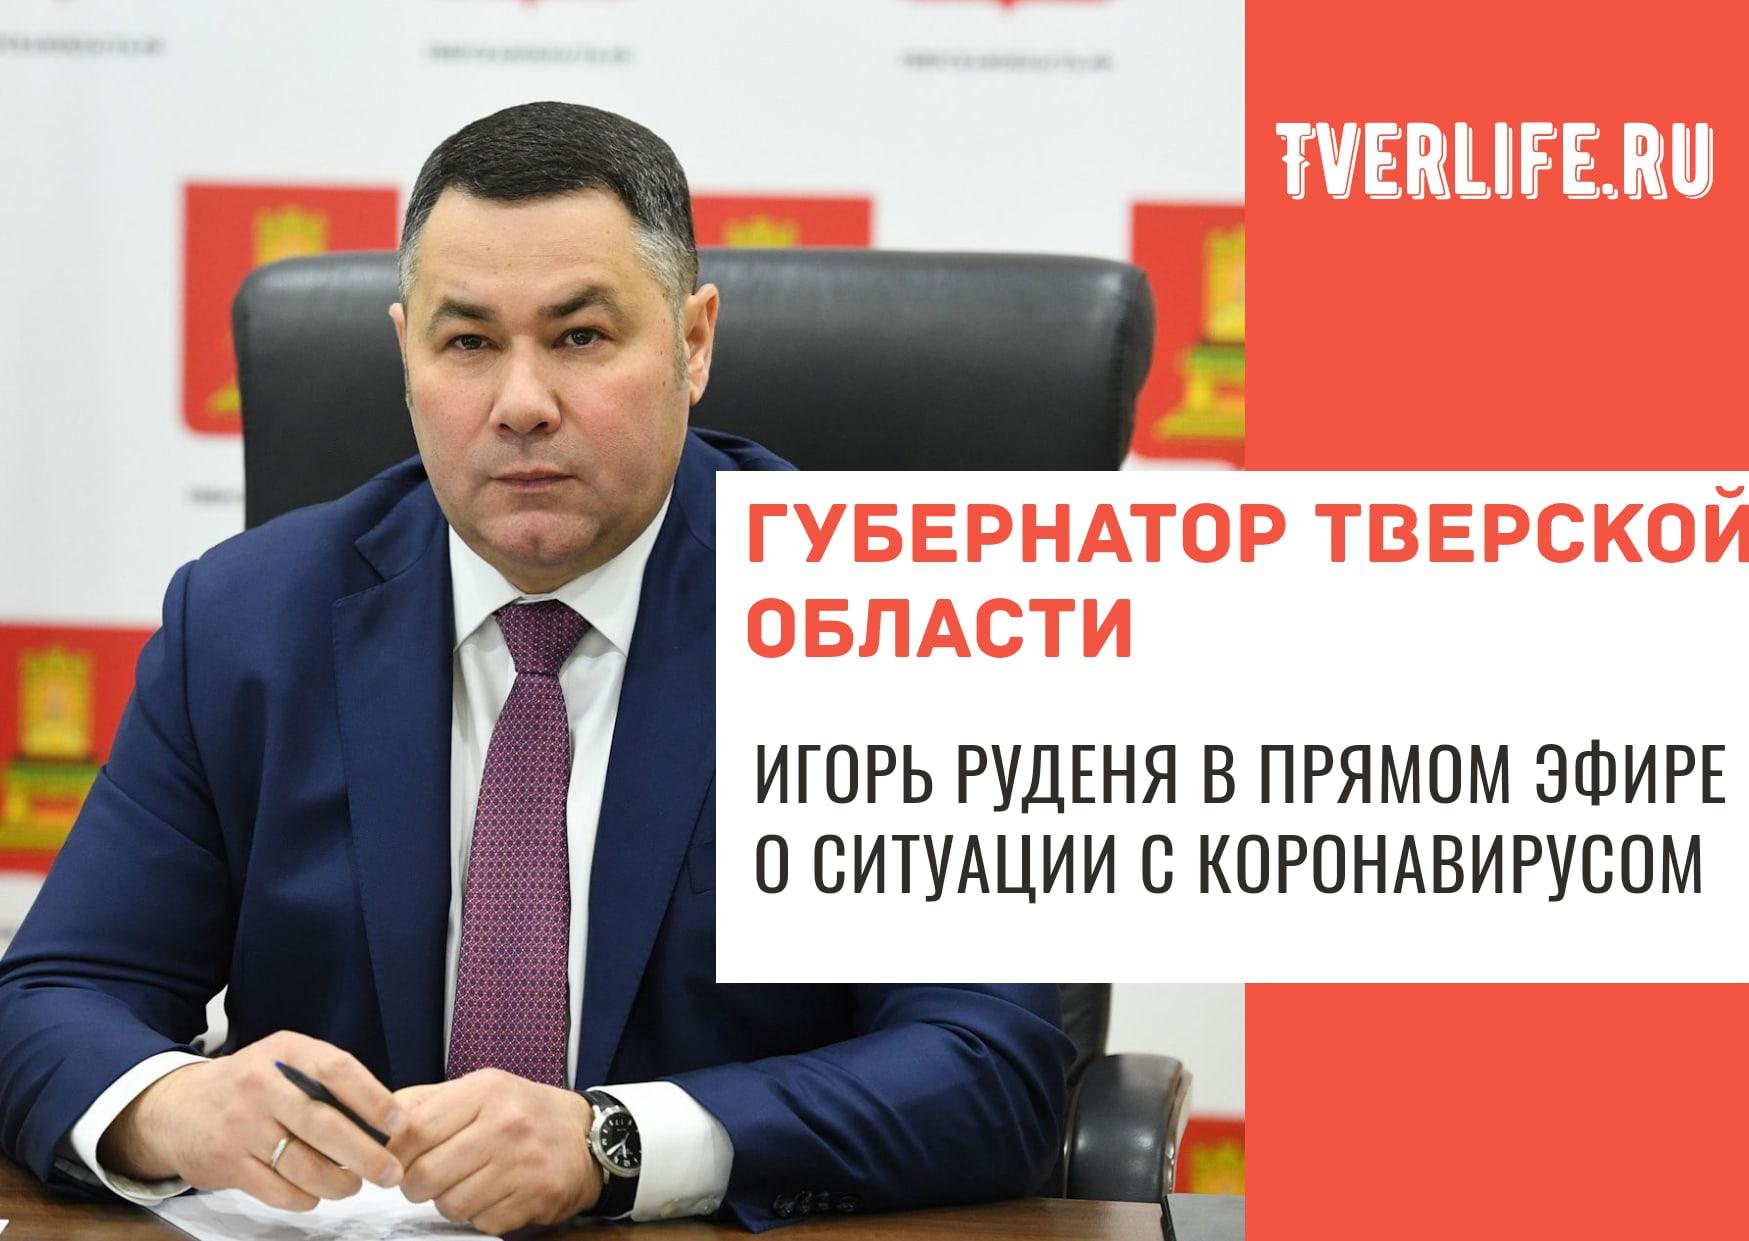 Игорь Руденя: у нас чёткая установка объективно показывать результаты